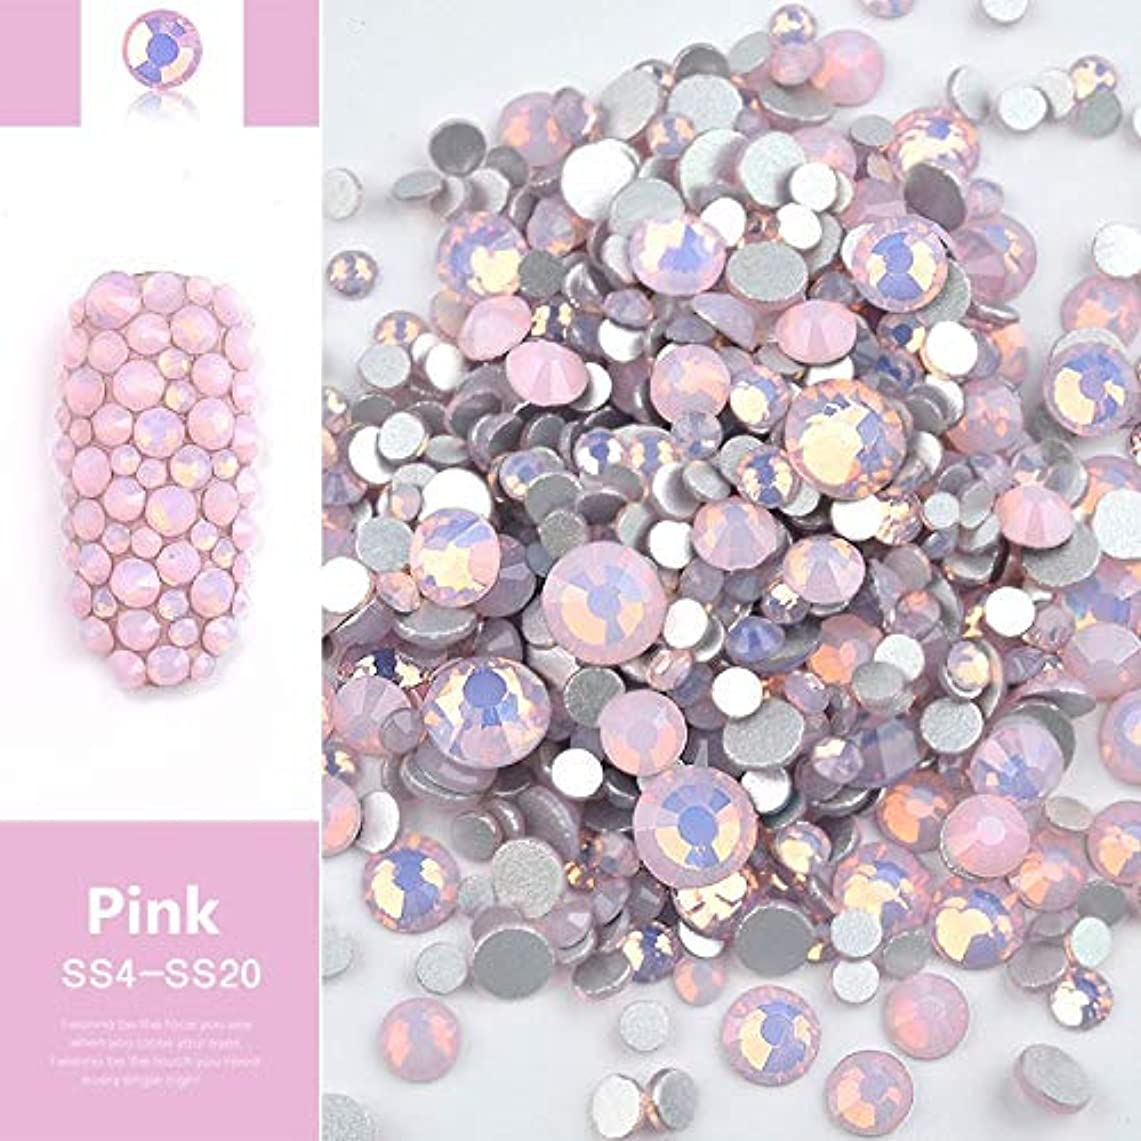 死の顎敏感な失礼なKerwinner ビーズ樹脂クリスタルラウンドネイルアートミックスフラットバックアクリルラインストーンミックスサイズ1.5-4.5 mm装飾用ネイル (Color : Pink)